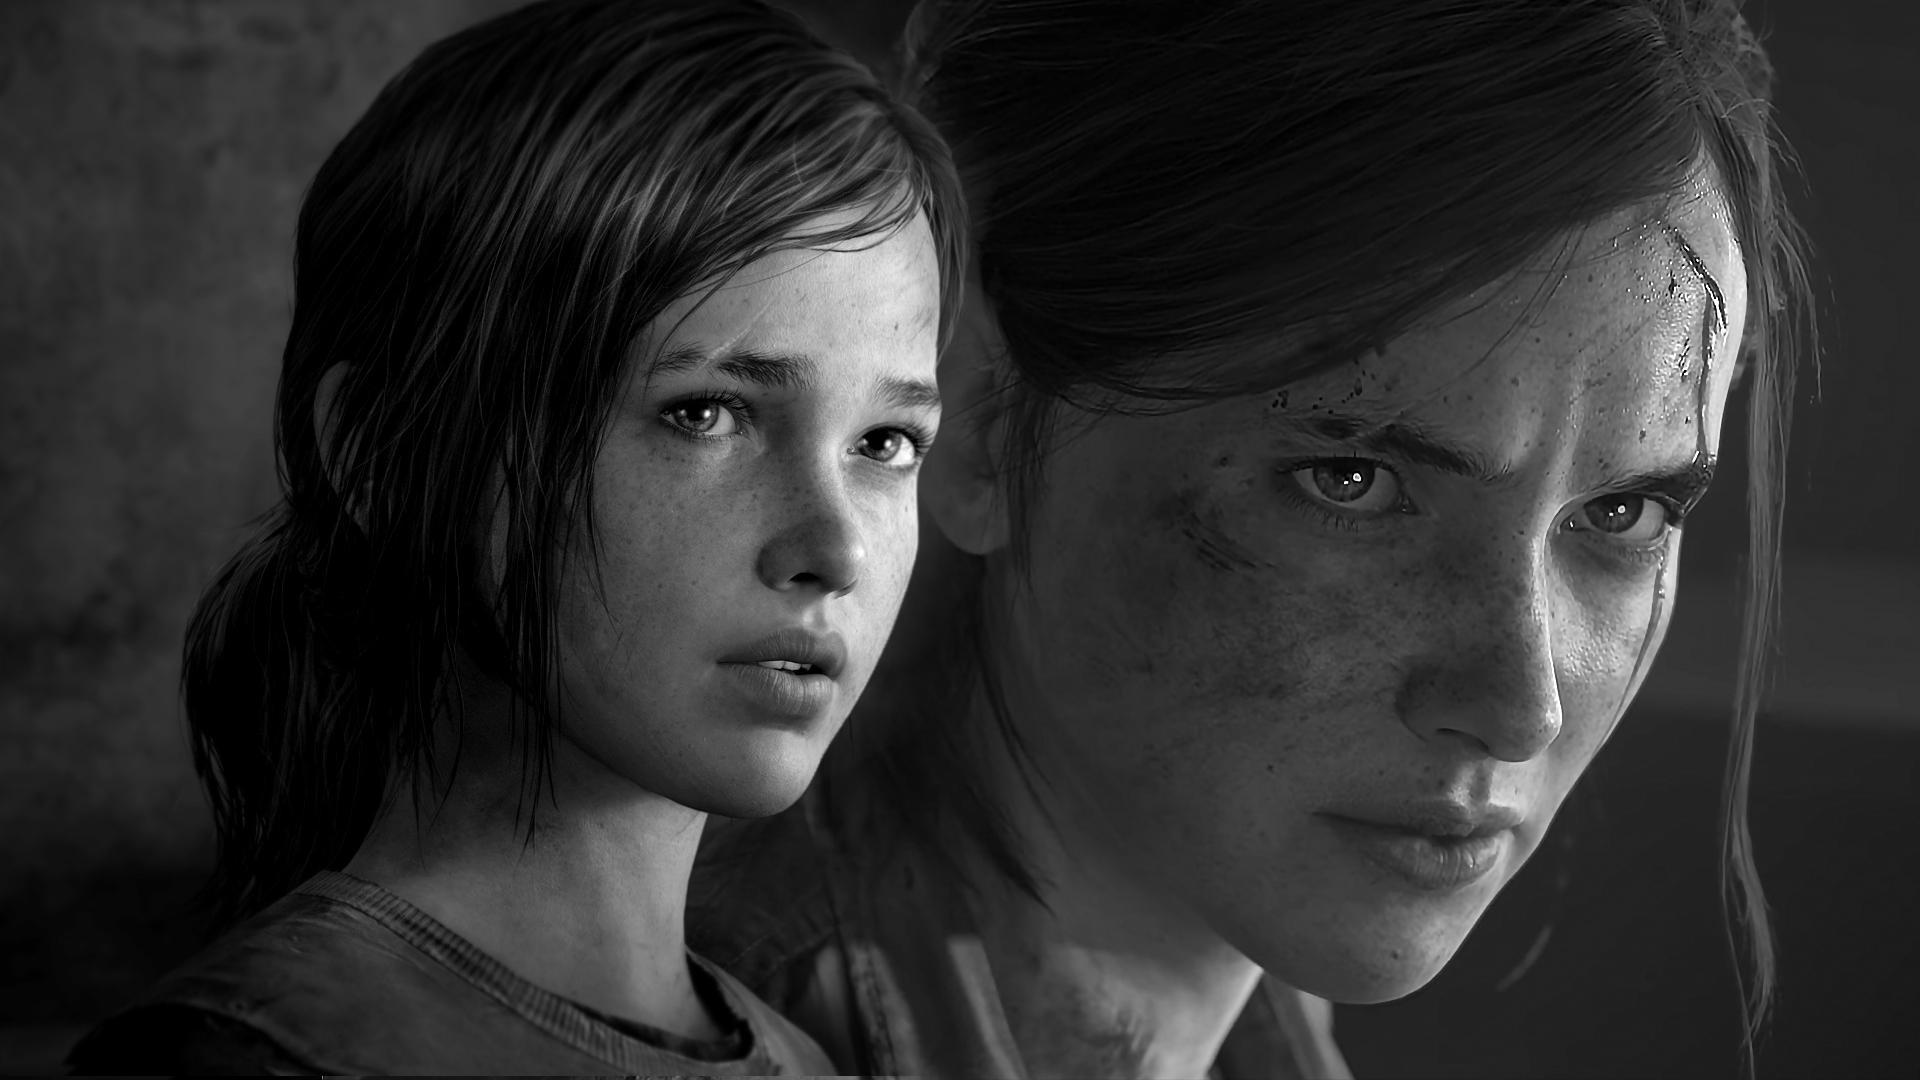 Ellie, einmal mit 14 Jahren und einmal mit 19 Jahren.